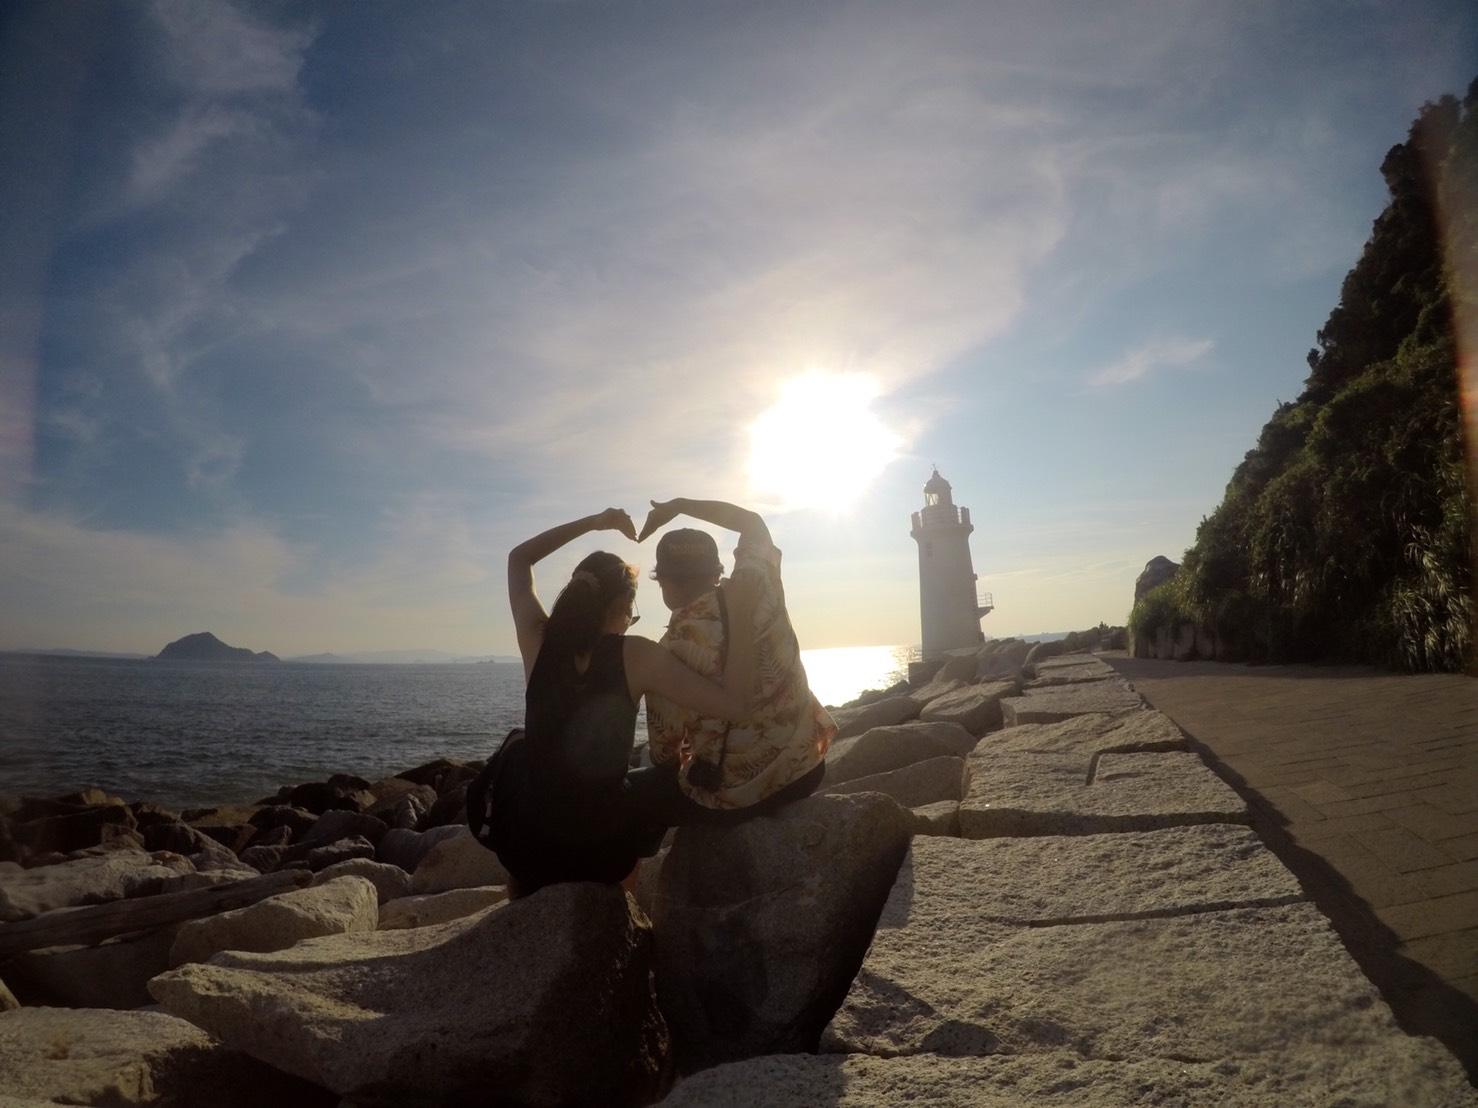 愛知県 伊良湖岬灯台 渥美半島